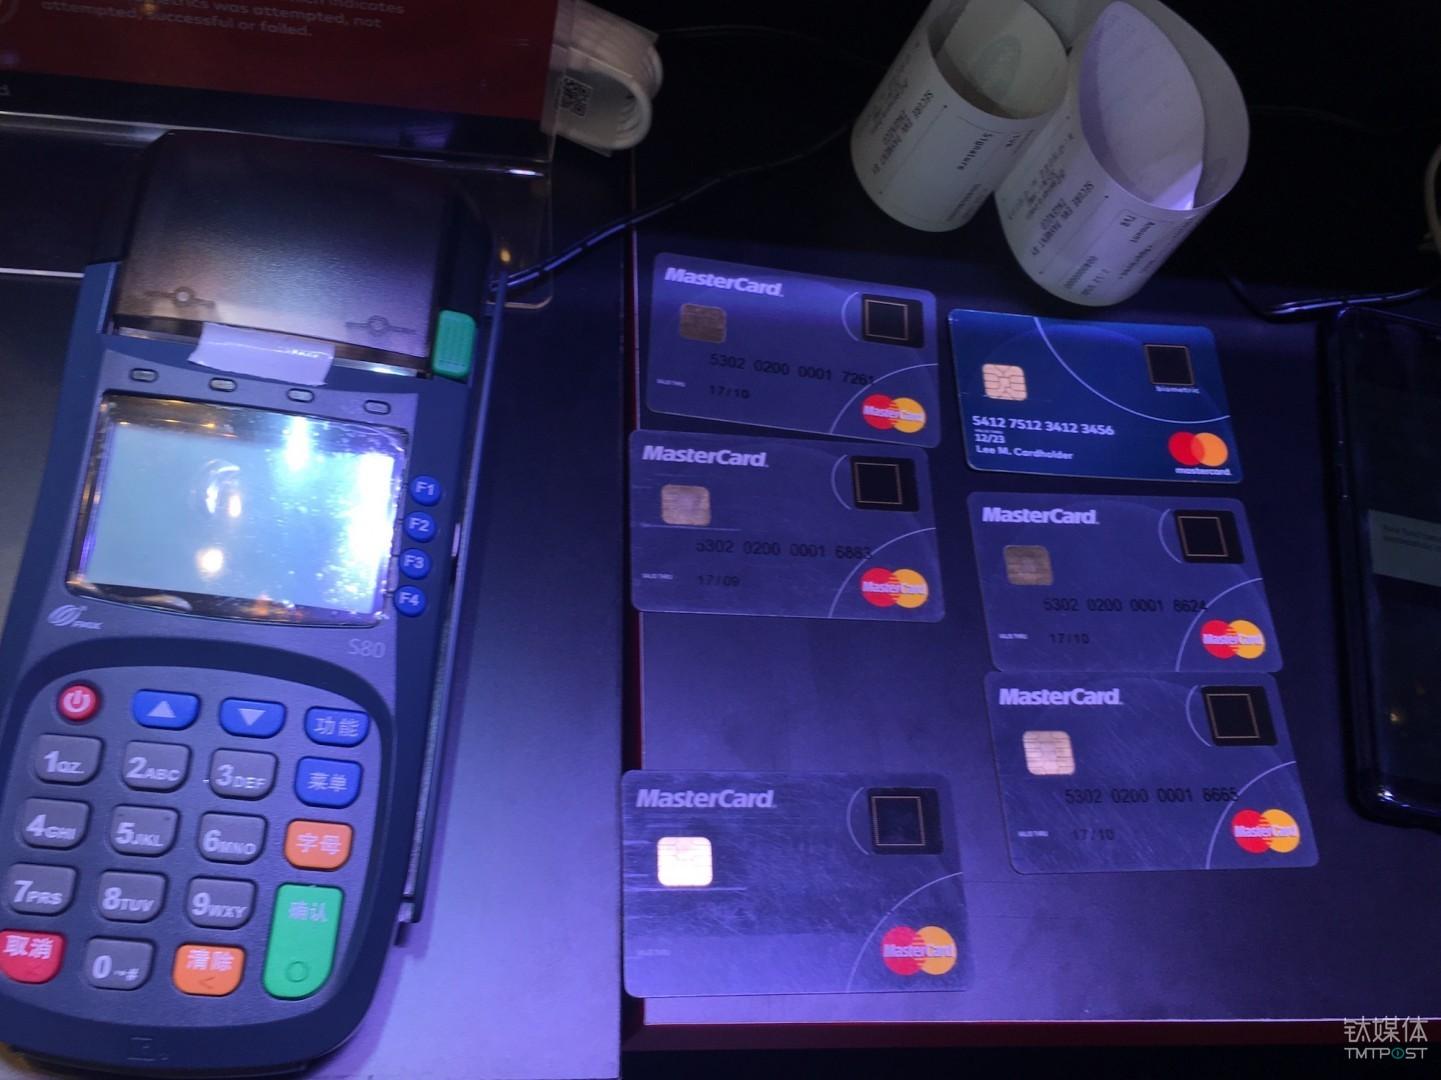 万事达推出的支持指纹识别功能的信用卡